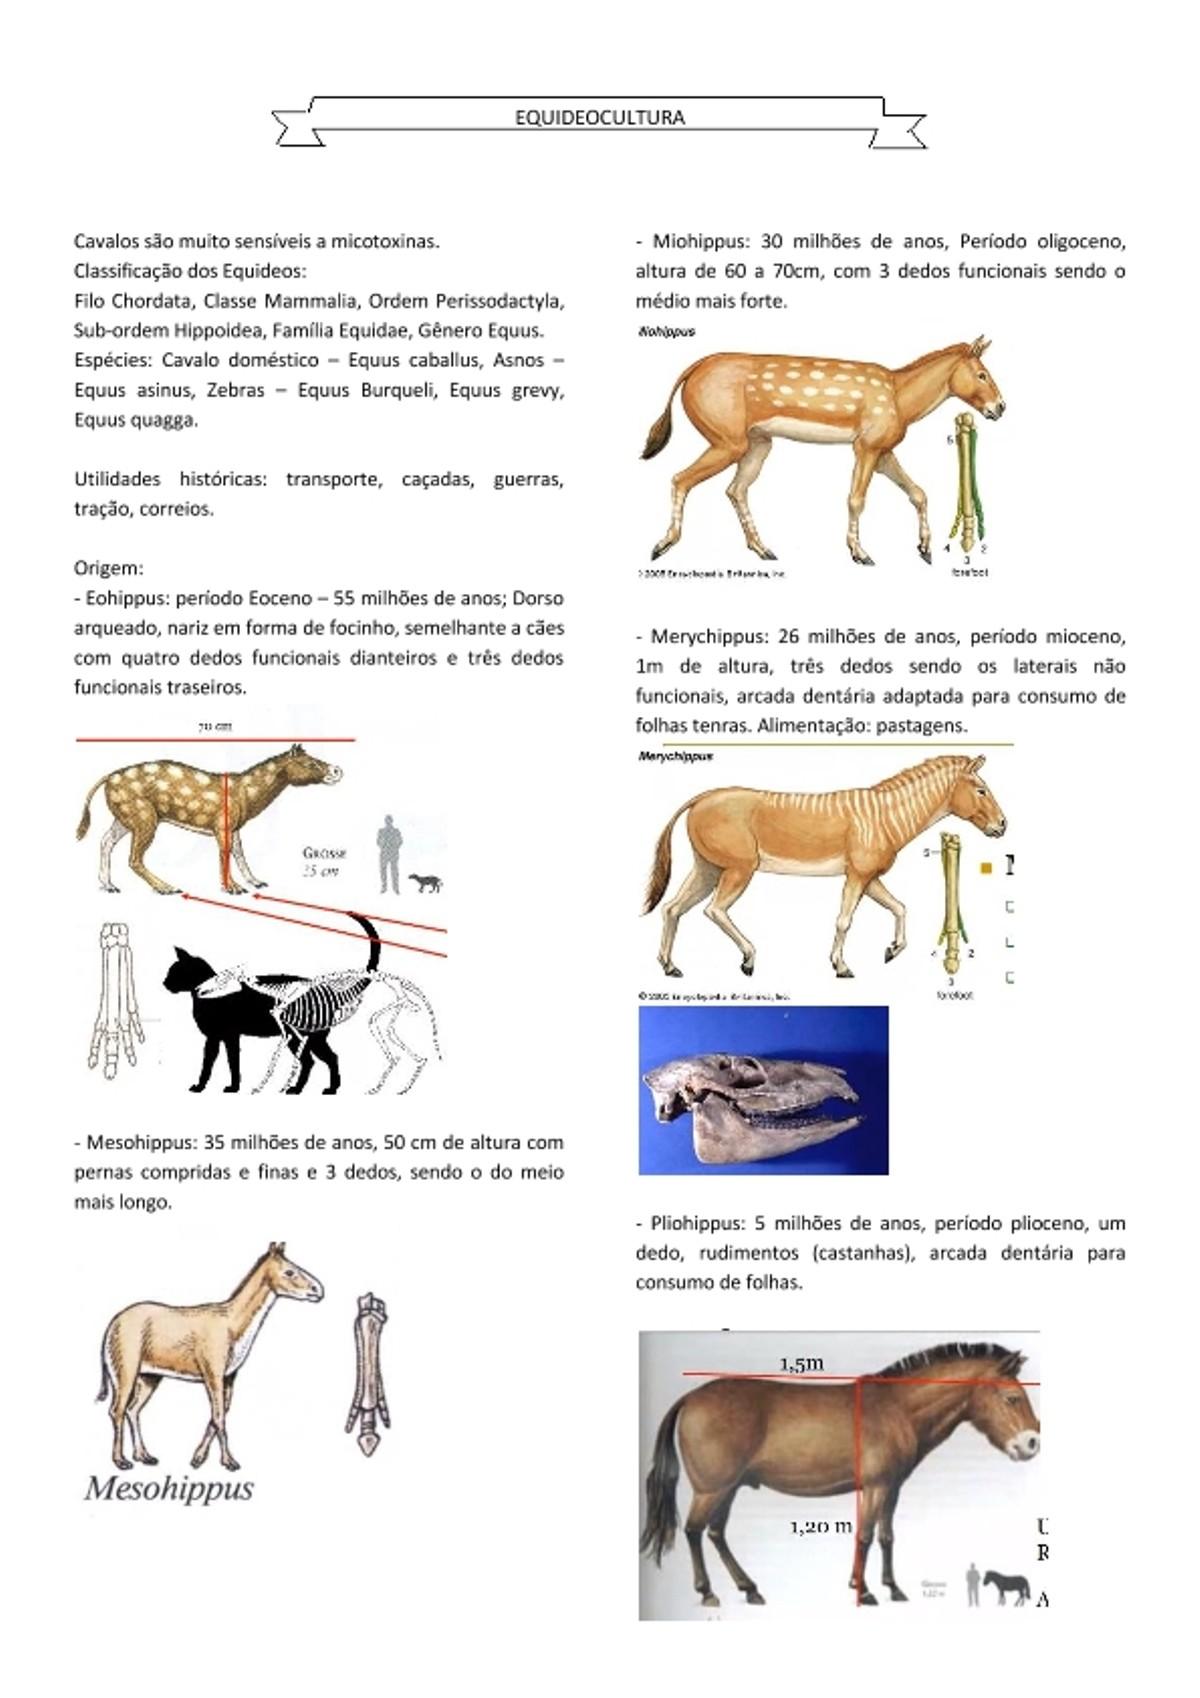 Pre-visualização do material Cavalos - EQUIDEOCULTURA 1 - página 1